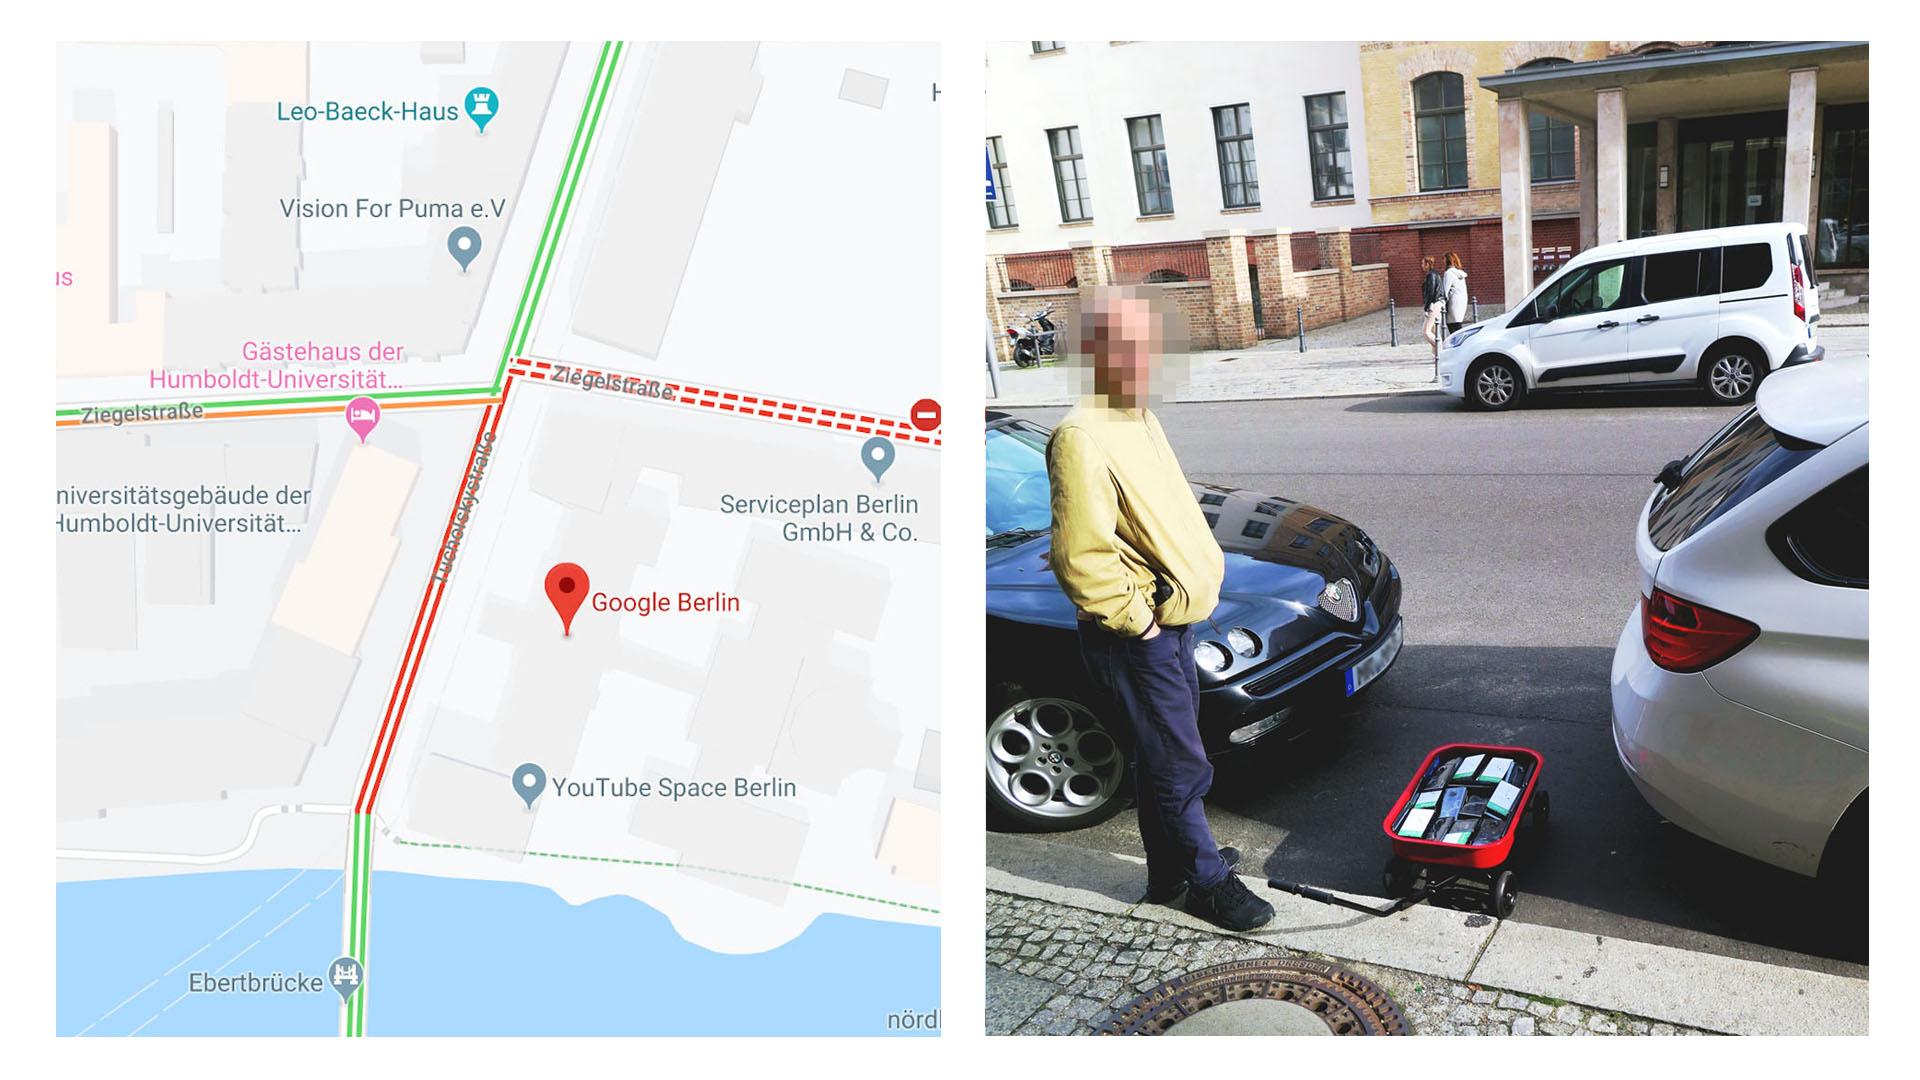 """При этом реальных автомобилей на данном участке практически не было, так как водители объезжали эти улицы, опасаясь несуществующей """"тянучки"""""""